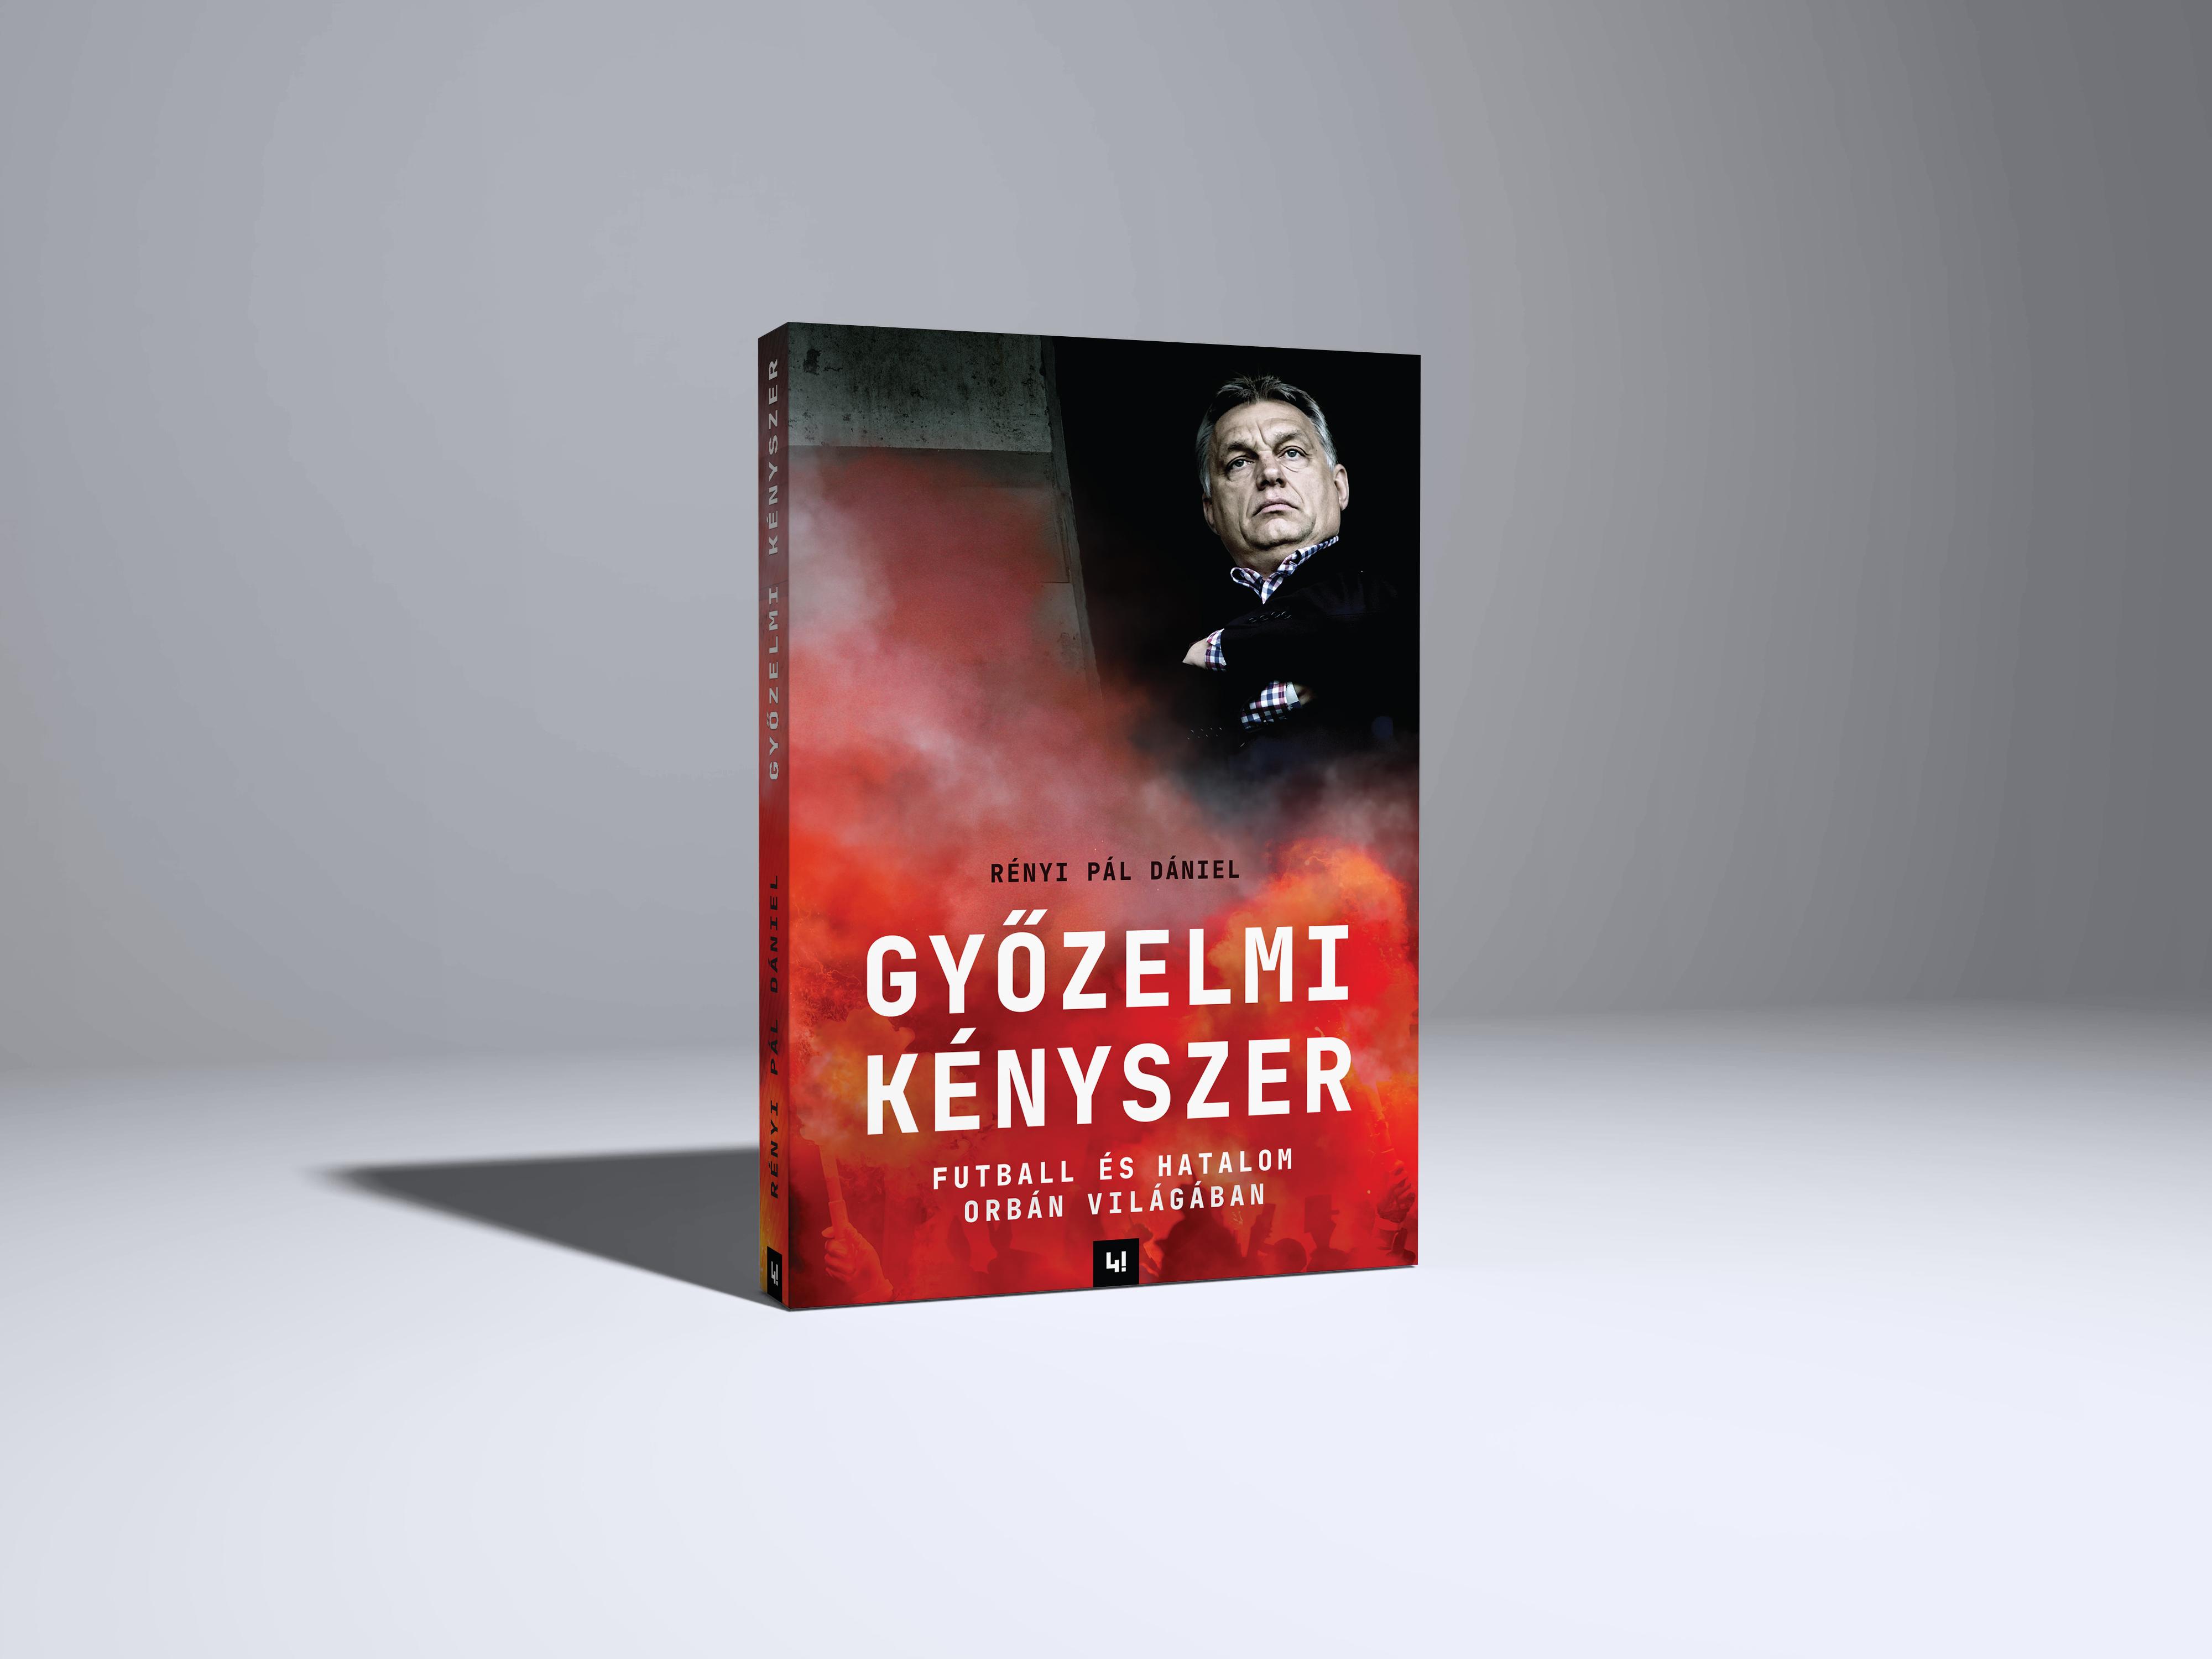 Hetek alatt elkapkodták a 444 új Orbán-könyvét, de már úton az utánpótlás